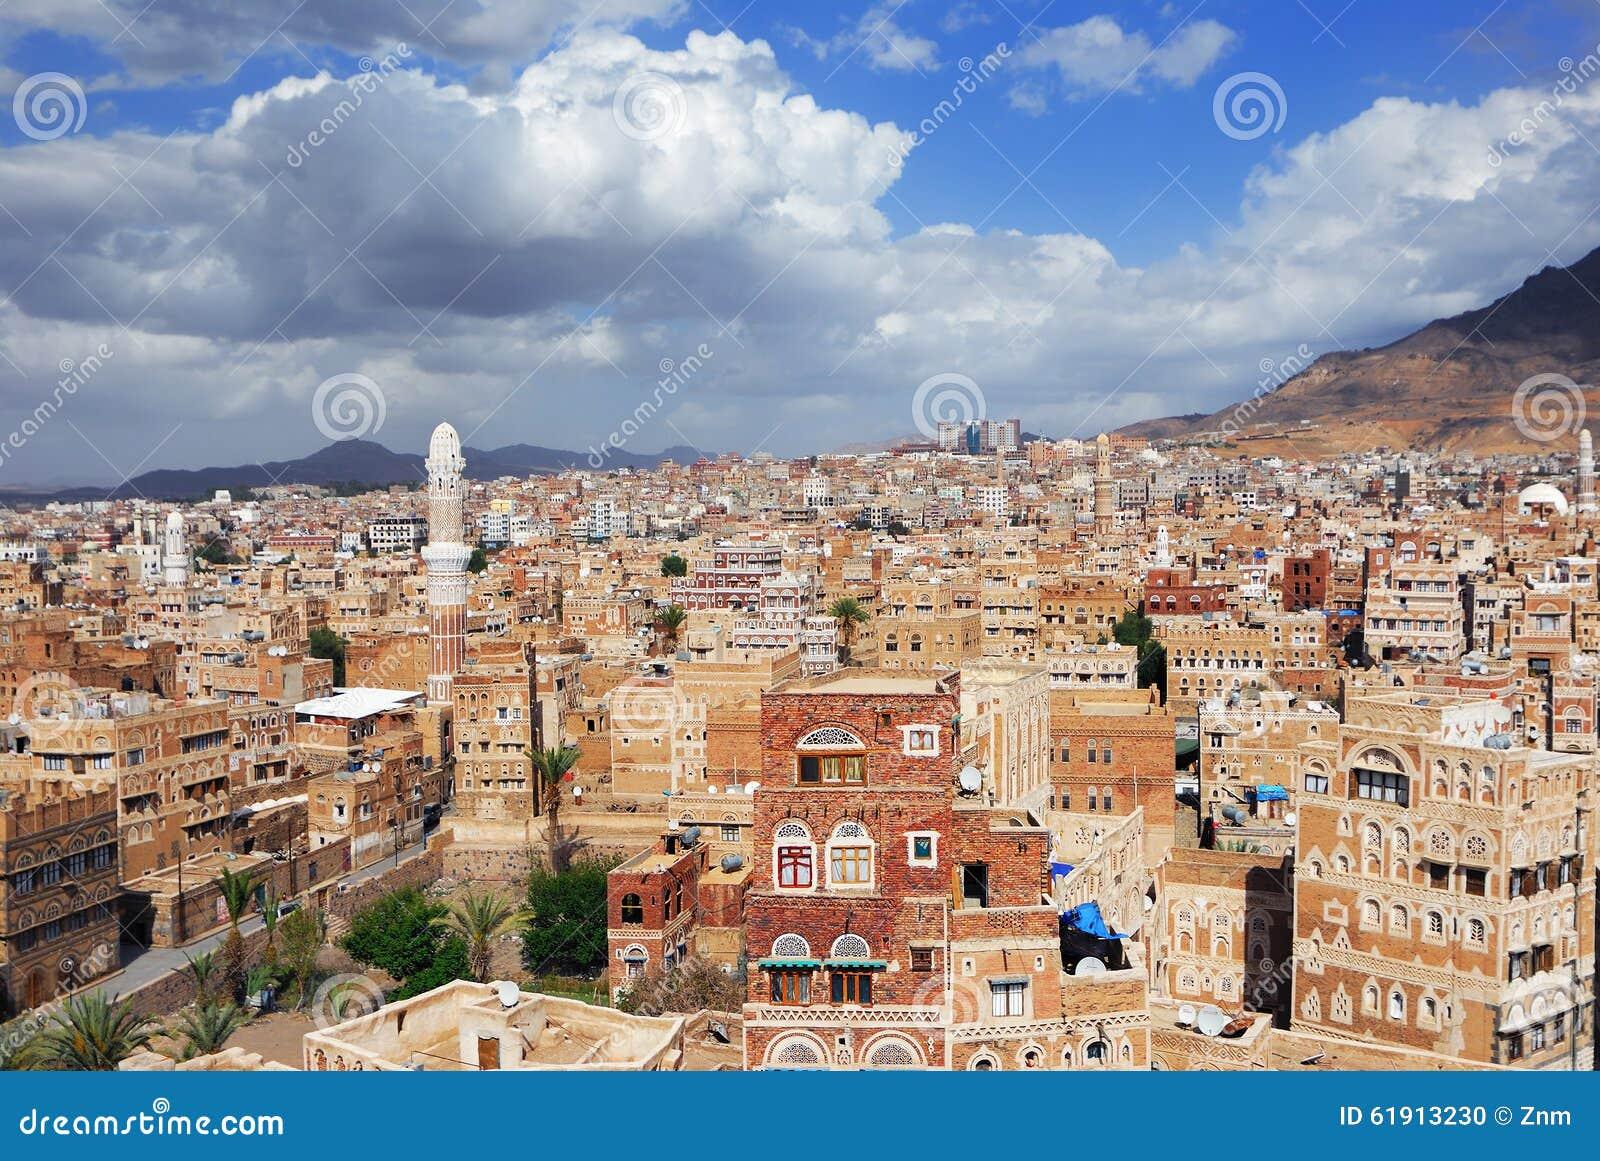 Sanaa The Capital Of Yemen Stock Photo - Image: 61913230